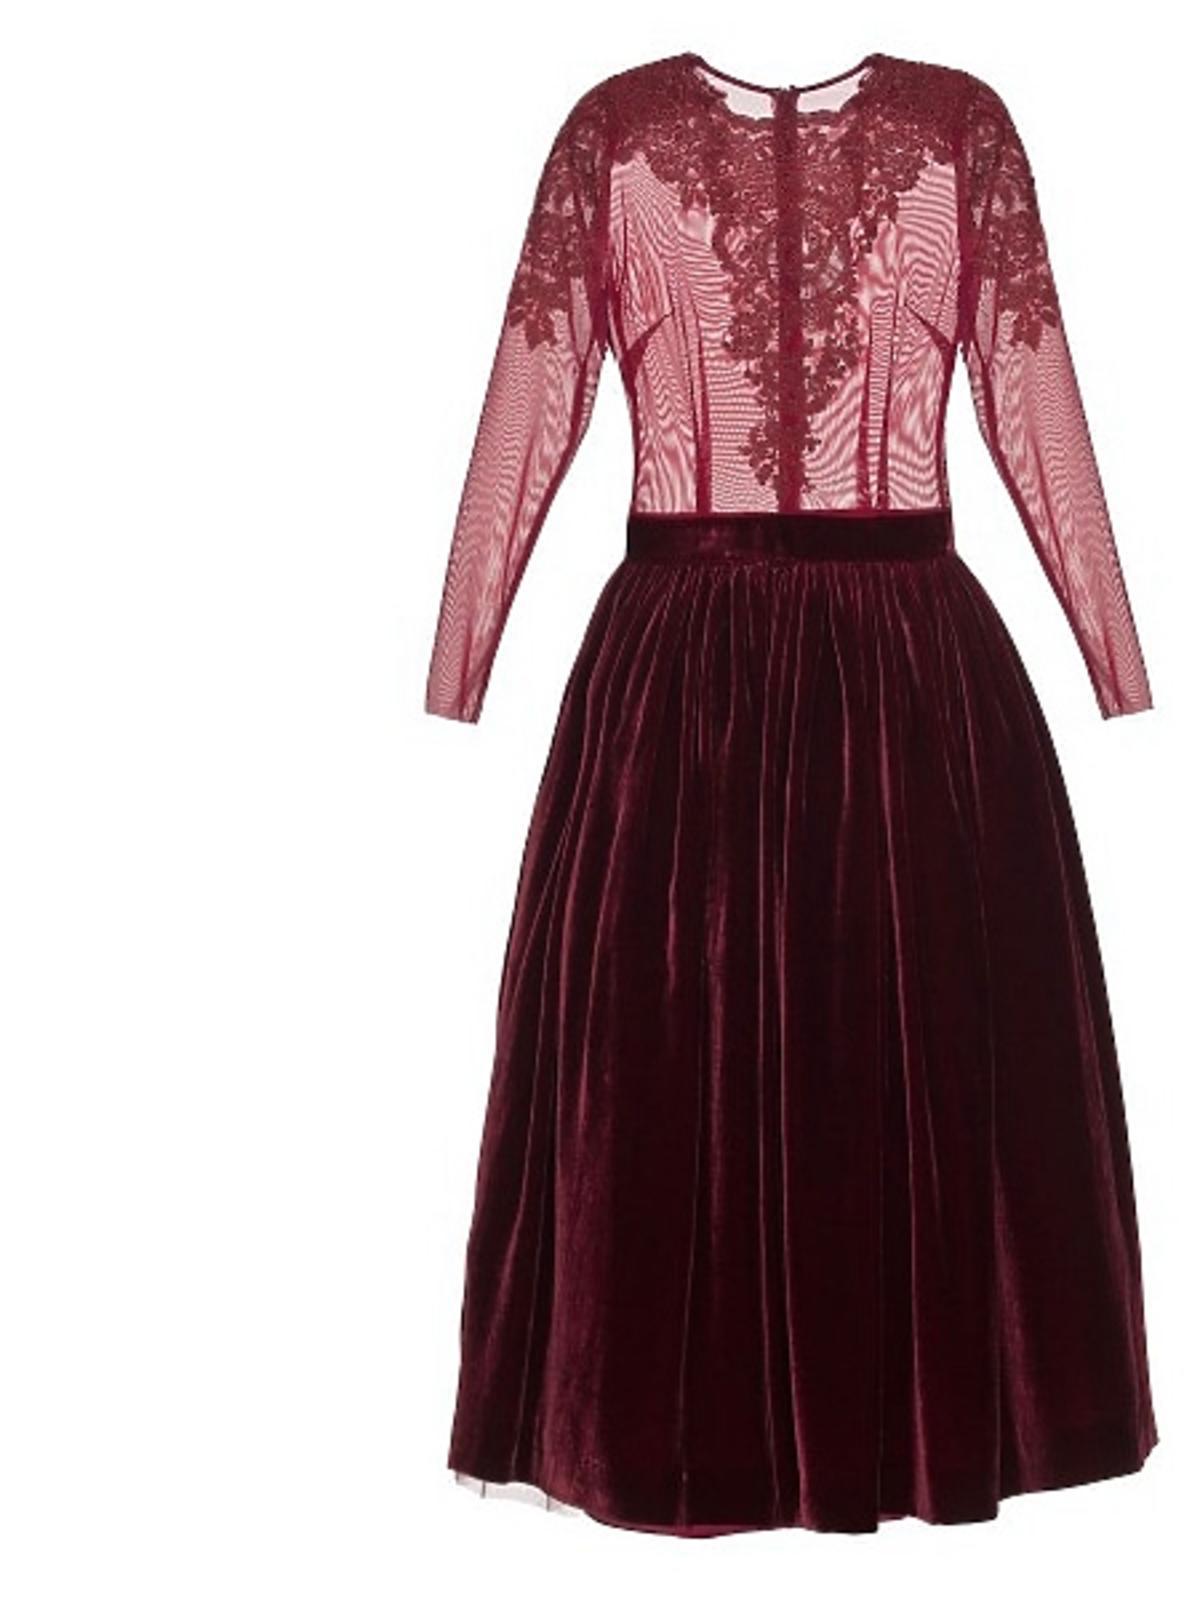 Bordowa sukienka Papillon, cena